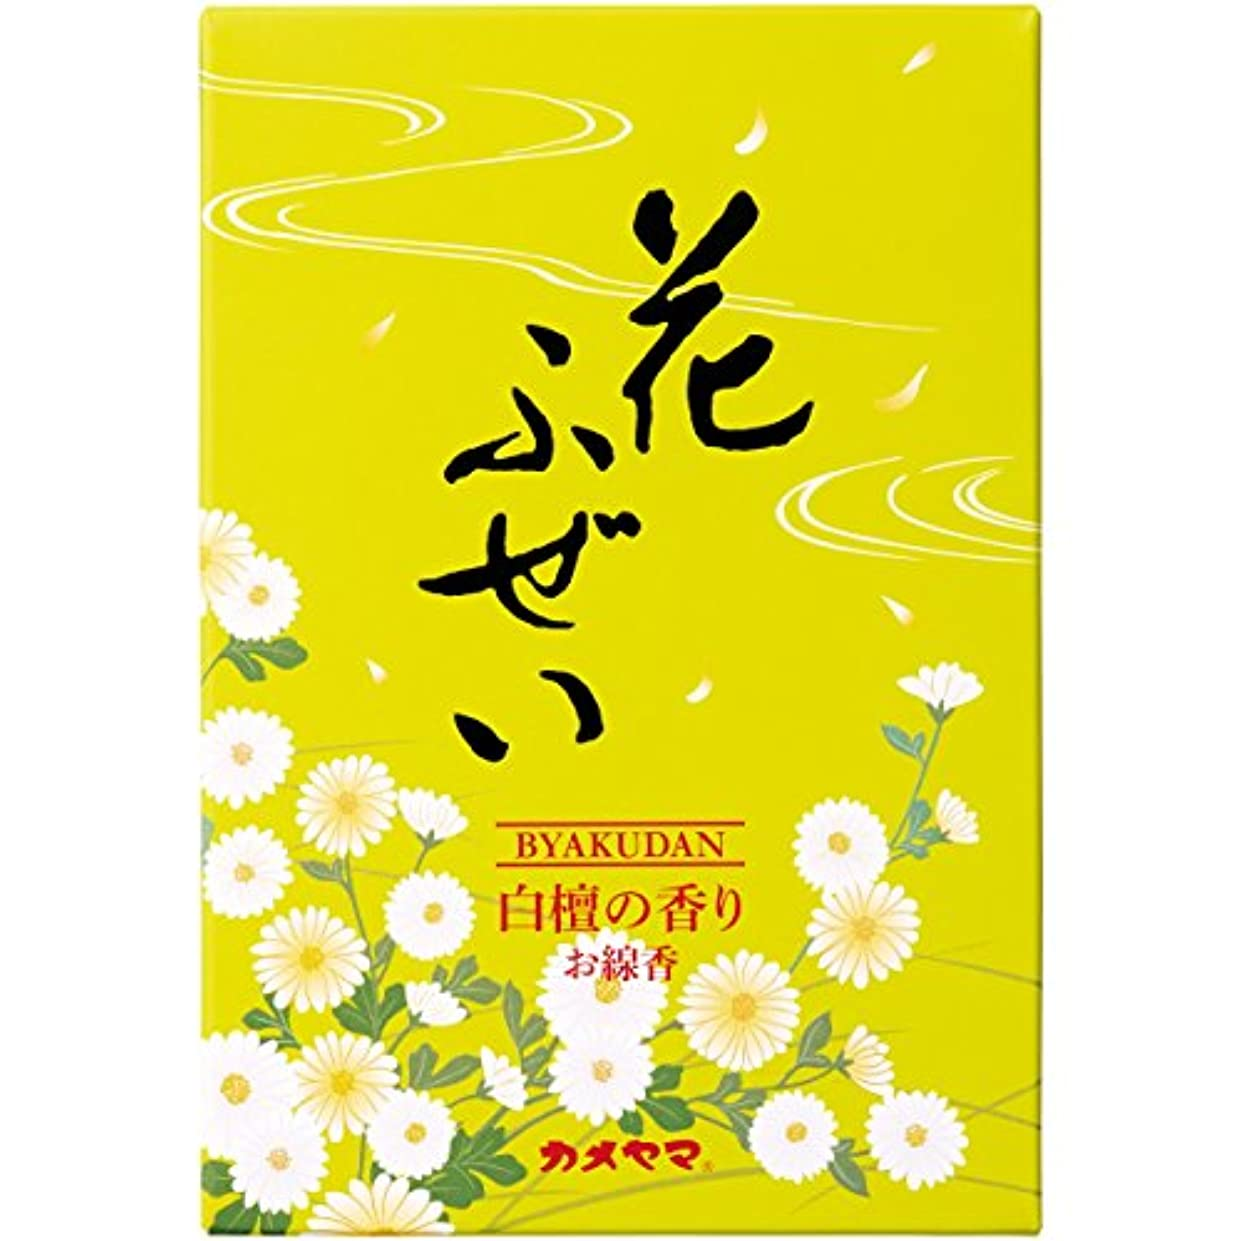 描写上がる物理カメヤマ 花ふぜい(黄)白檀 徳用大型